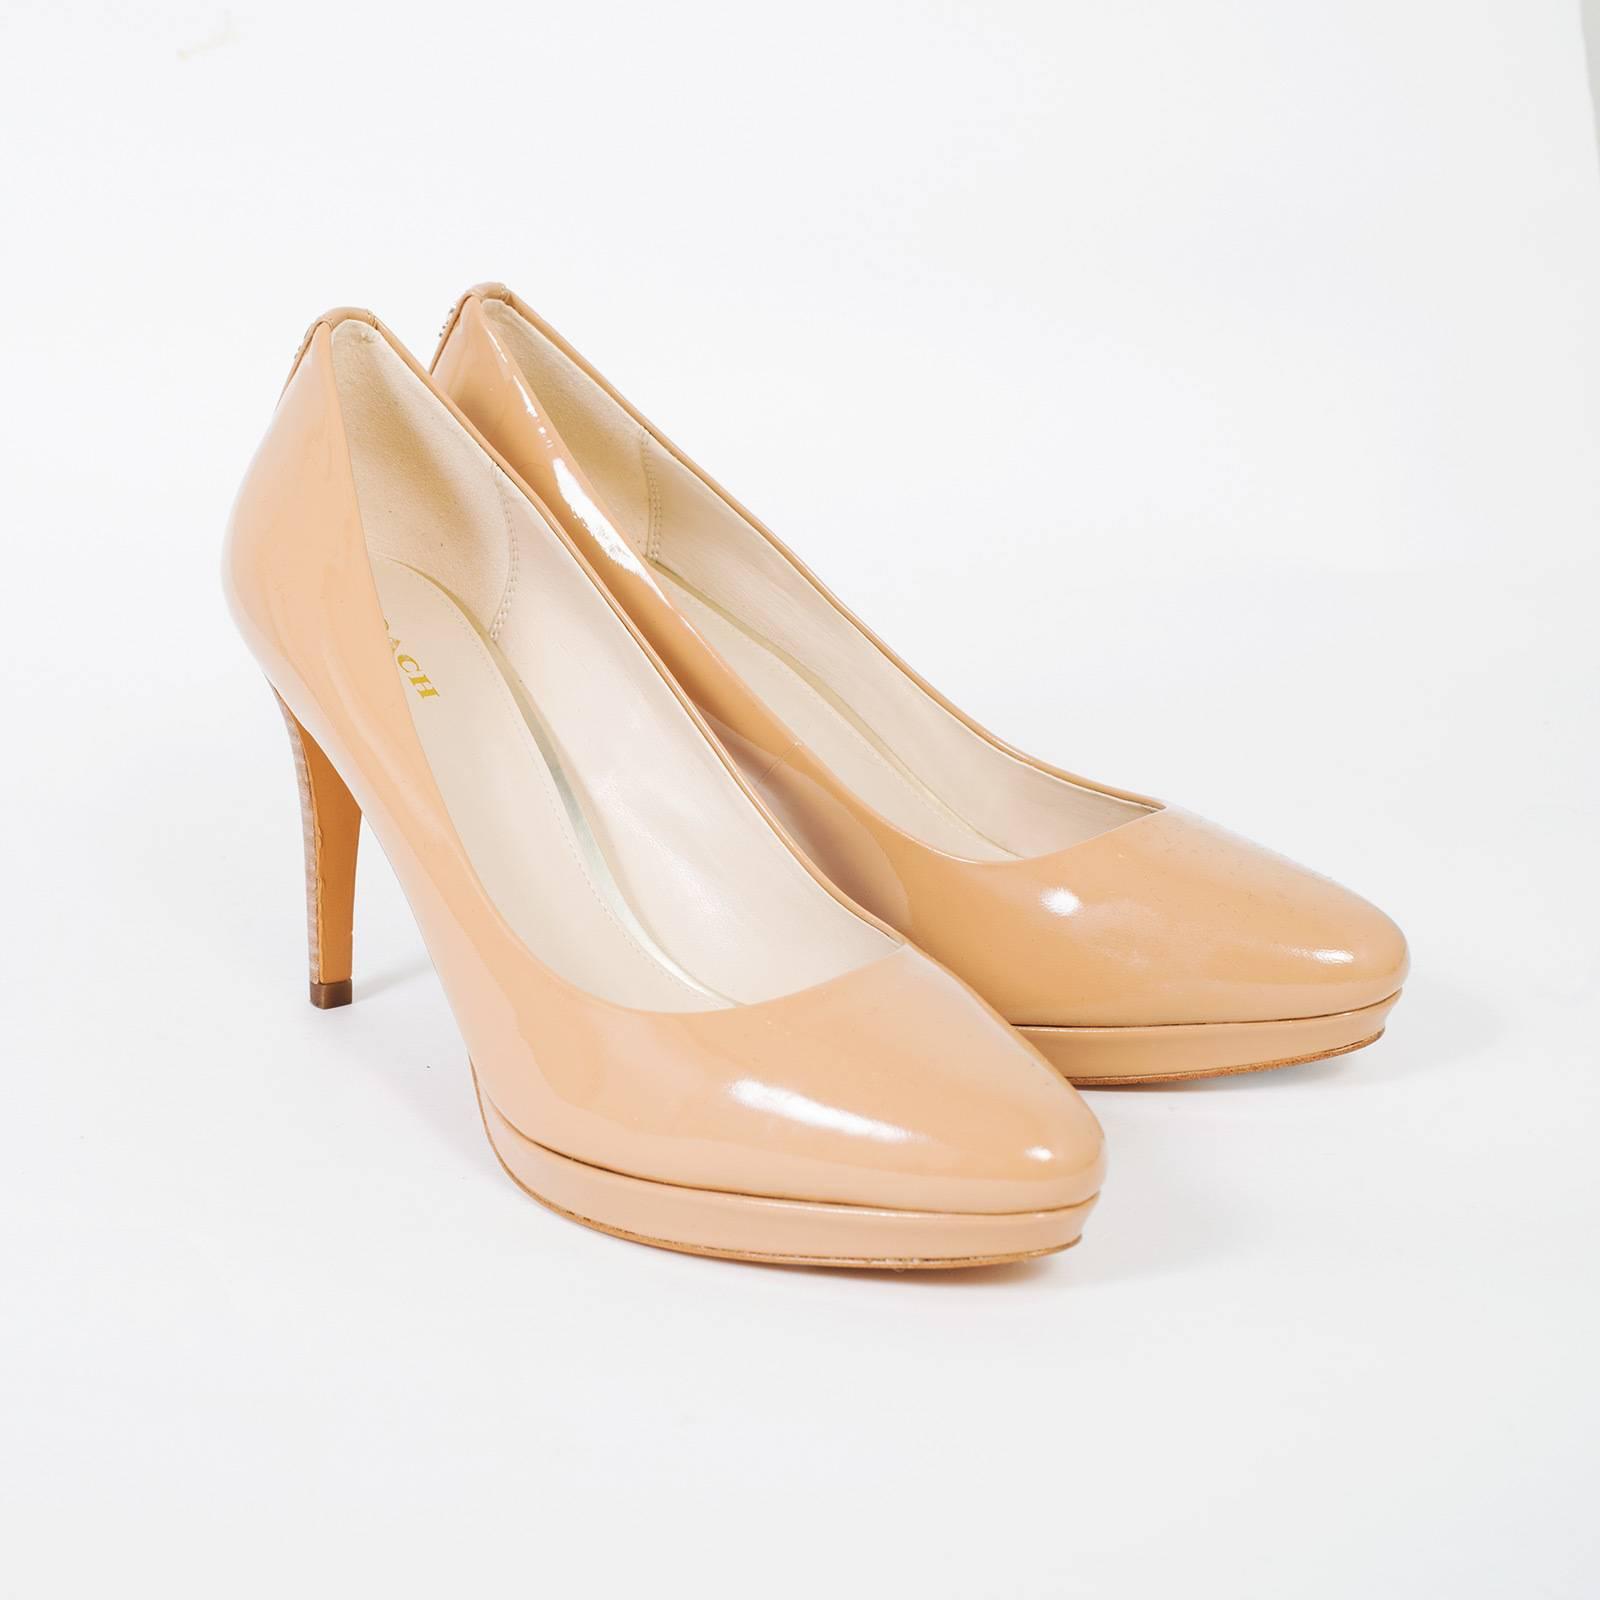 Купить туфли Coach в Москве с доставкой по цене 8960 рублей   Second ... fe4d9115b43